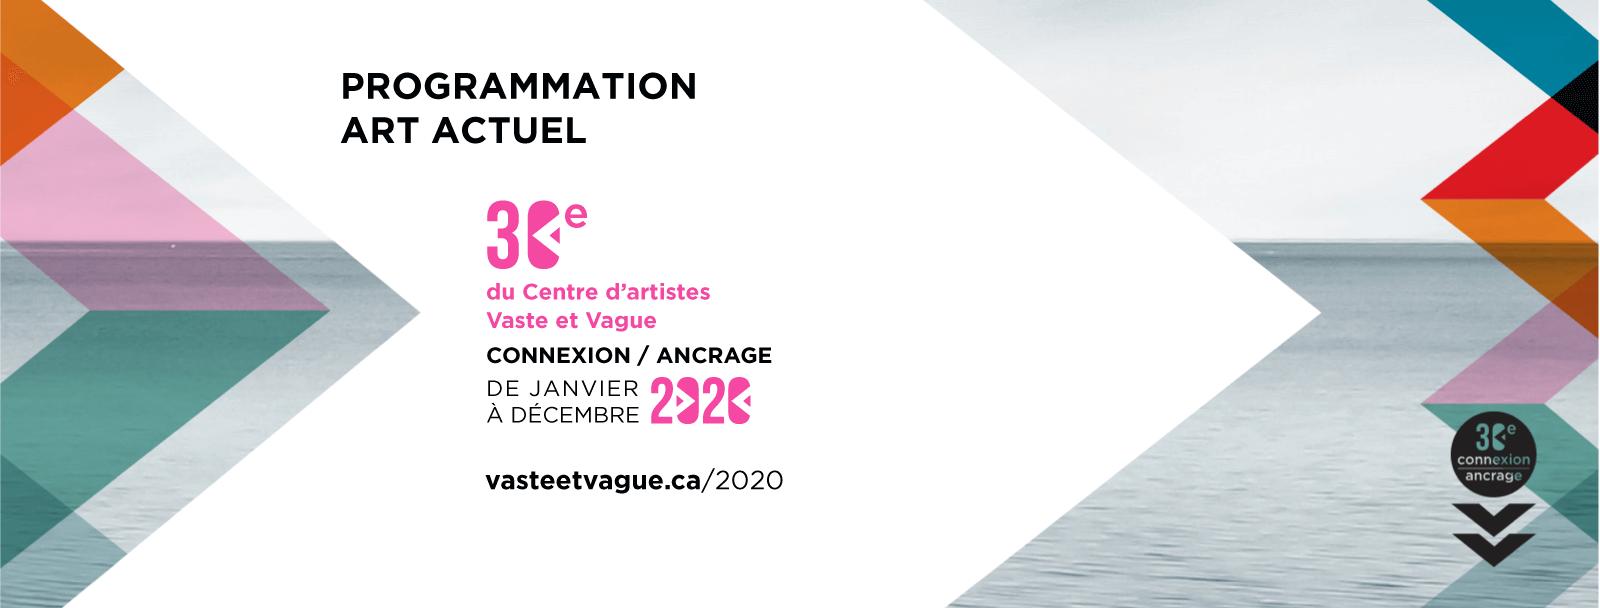 PROGRAMMATION 2020 | 30e | CONNEXION / ANCRAGE |Centre d'artistes Vaste et Vague